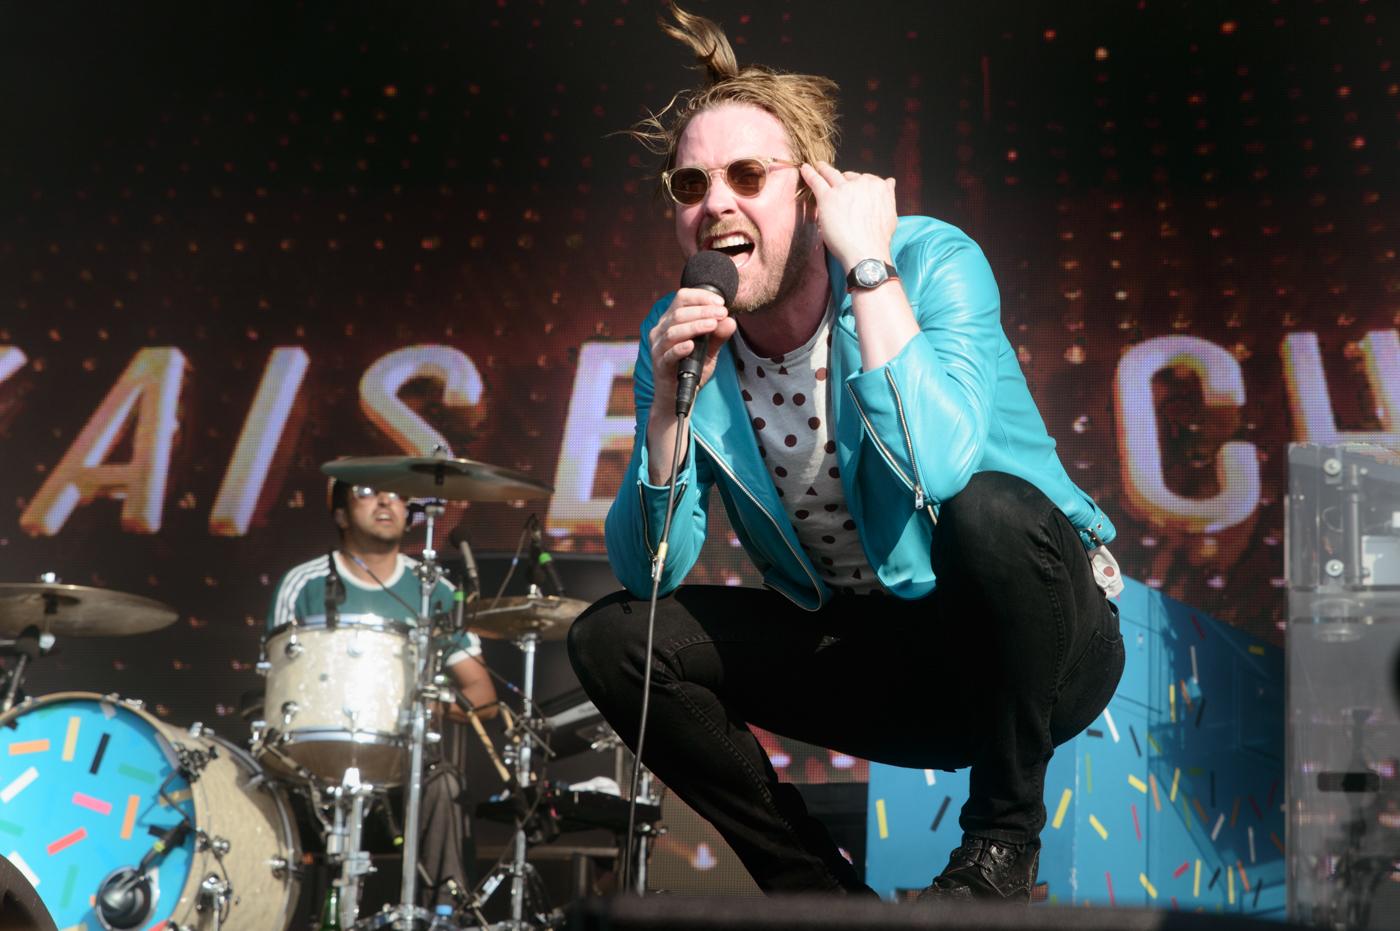 Die Kaiser Chiefs am Lollapalooza 2016